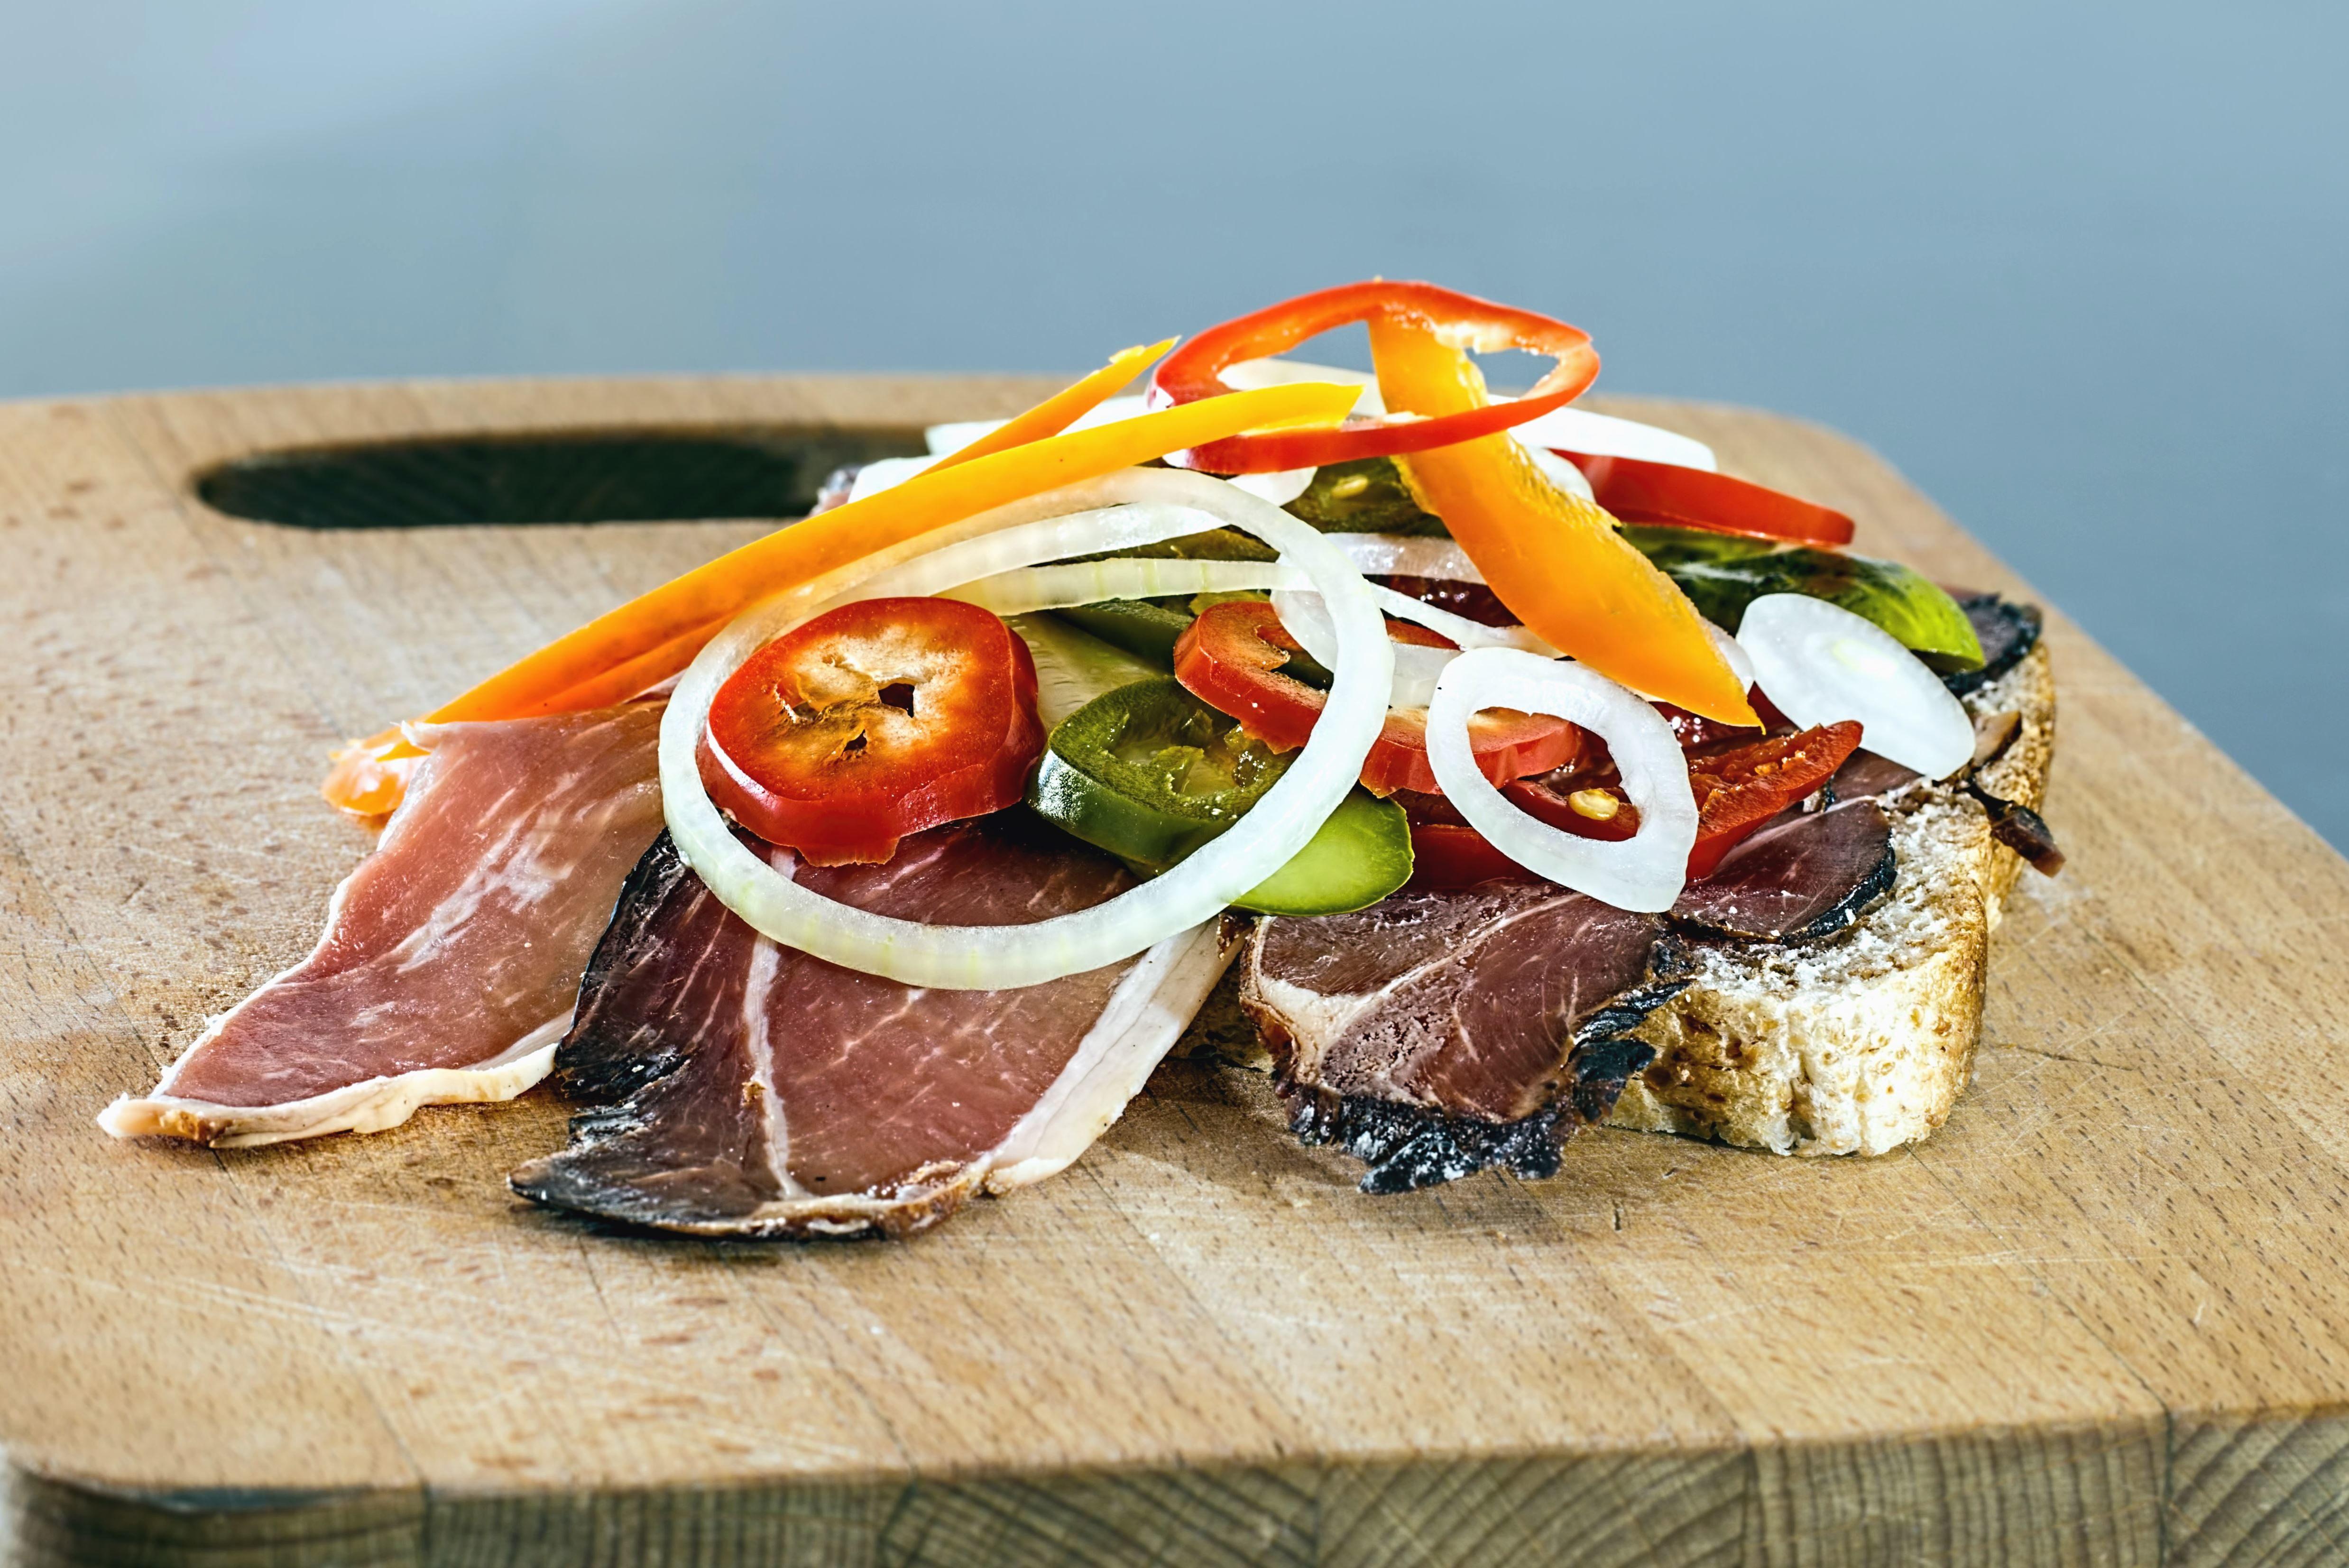 Kostenlose Bild: Fleisch, Pfeffer, Zwiebel, Brot, Essen, Tisch ...